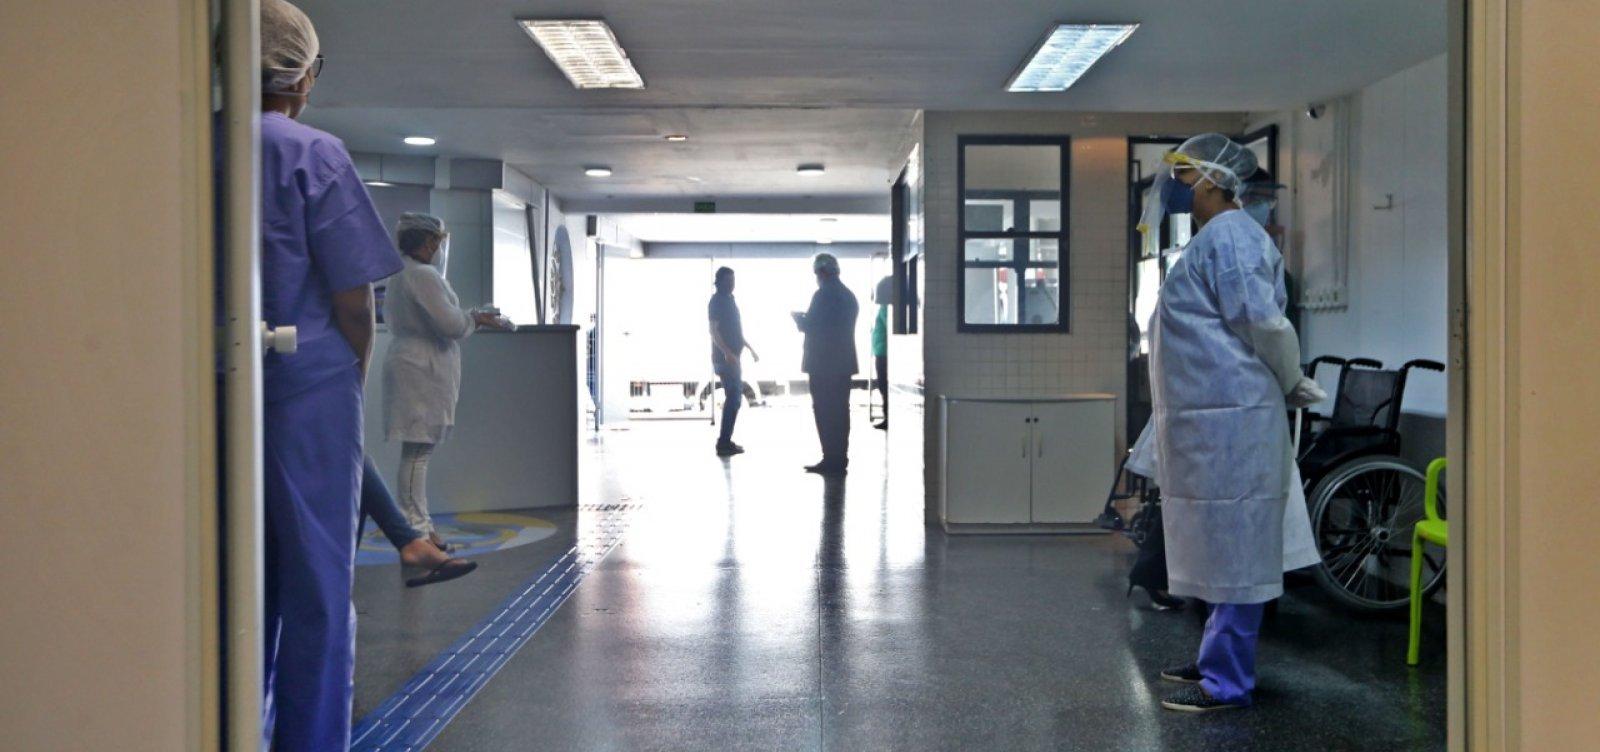 Covid-19: Salvador registra 269 casos e 12 mortes pela doença em 24h